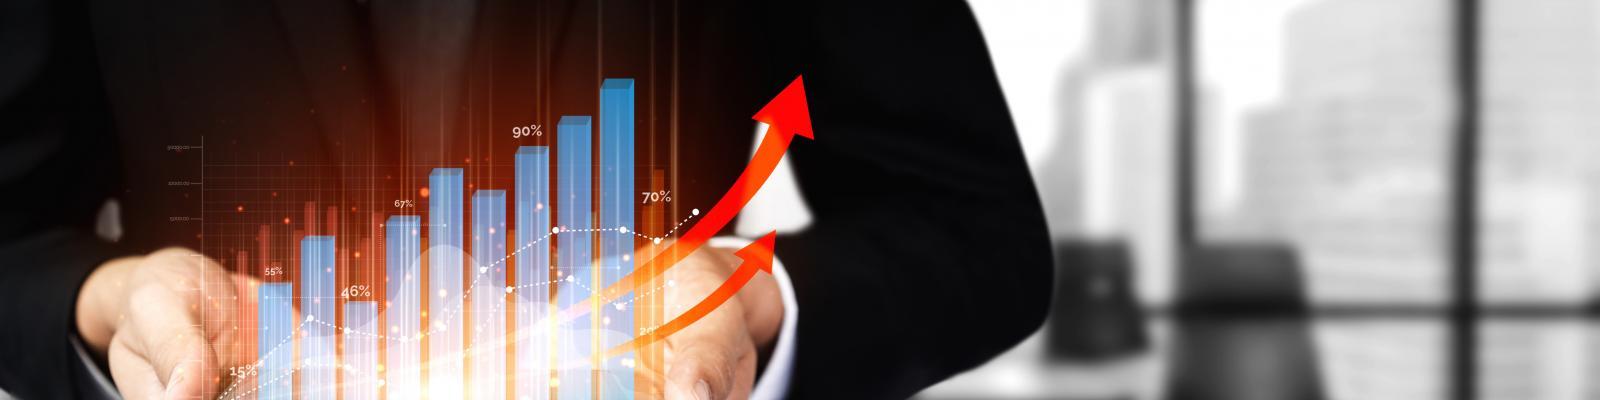 Geschiedenis van de financiële markten met focus op éénmalig of gespreid sparen